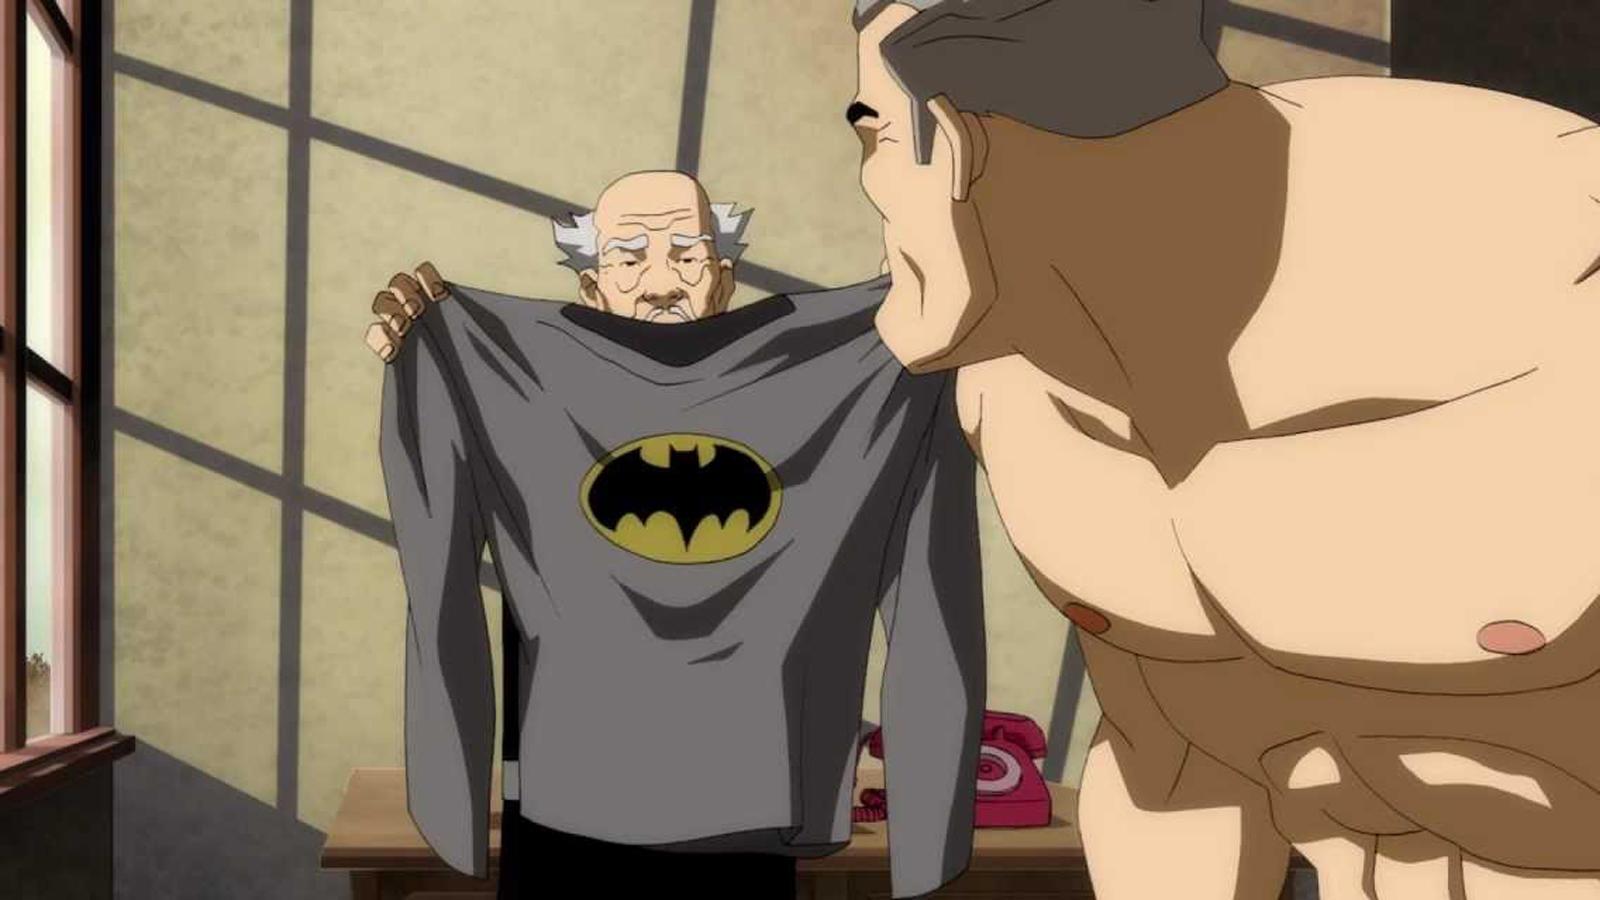 Robint vagy bárki mást megölhetnek bármelyik Batman-filmben vagy sorozatban, de senki sem érhet fel Alfrédhoz és ahhoz a veszteséghez, amikor bejelenti, hogy nem marad tovább Bruce-szal vagy amikor az ő élete kerül veszélybe. Batman és inasa kapcsolata a hűség, az elfogadás és a barátság mintaképe.